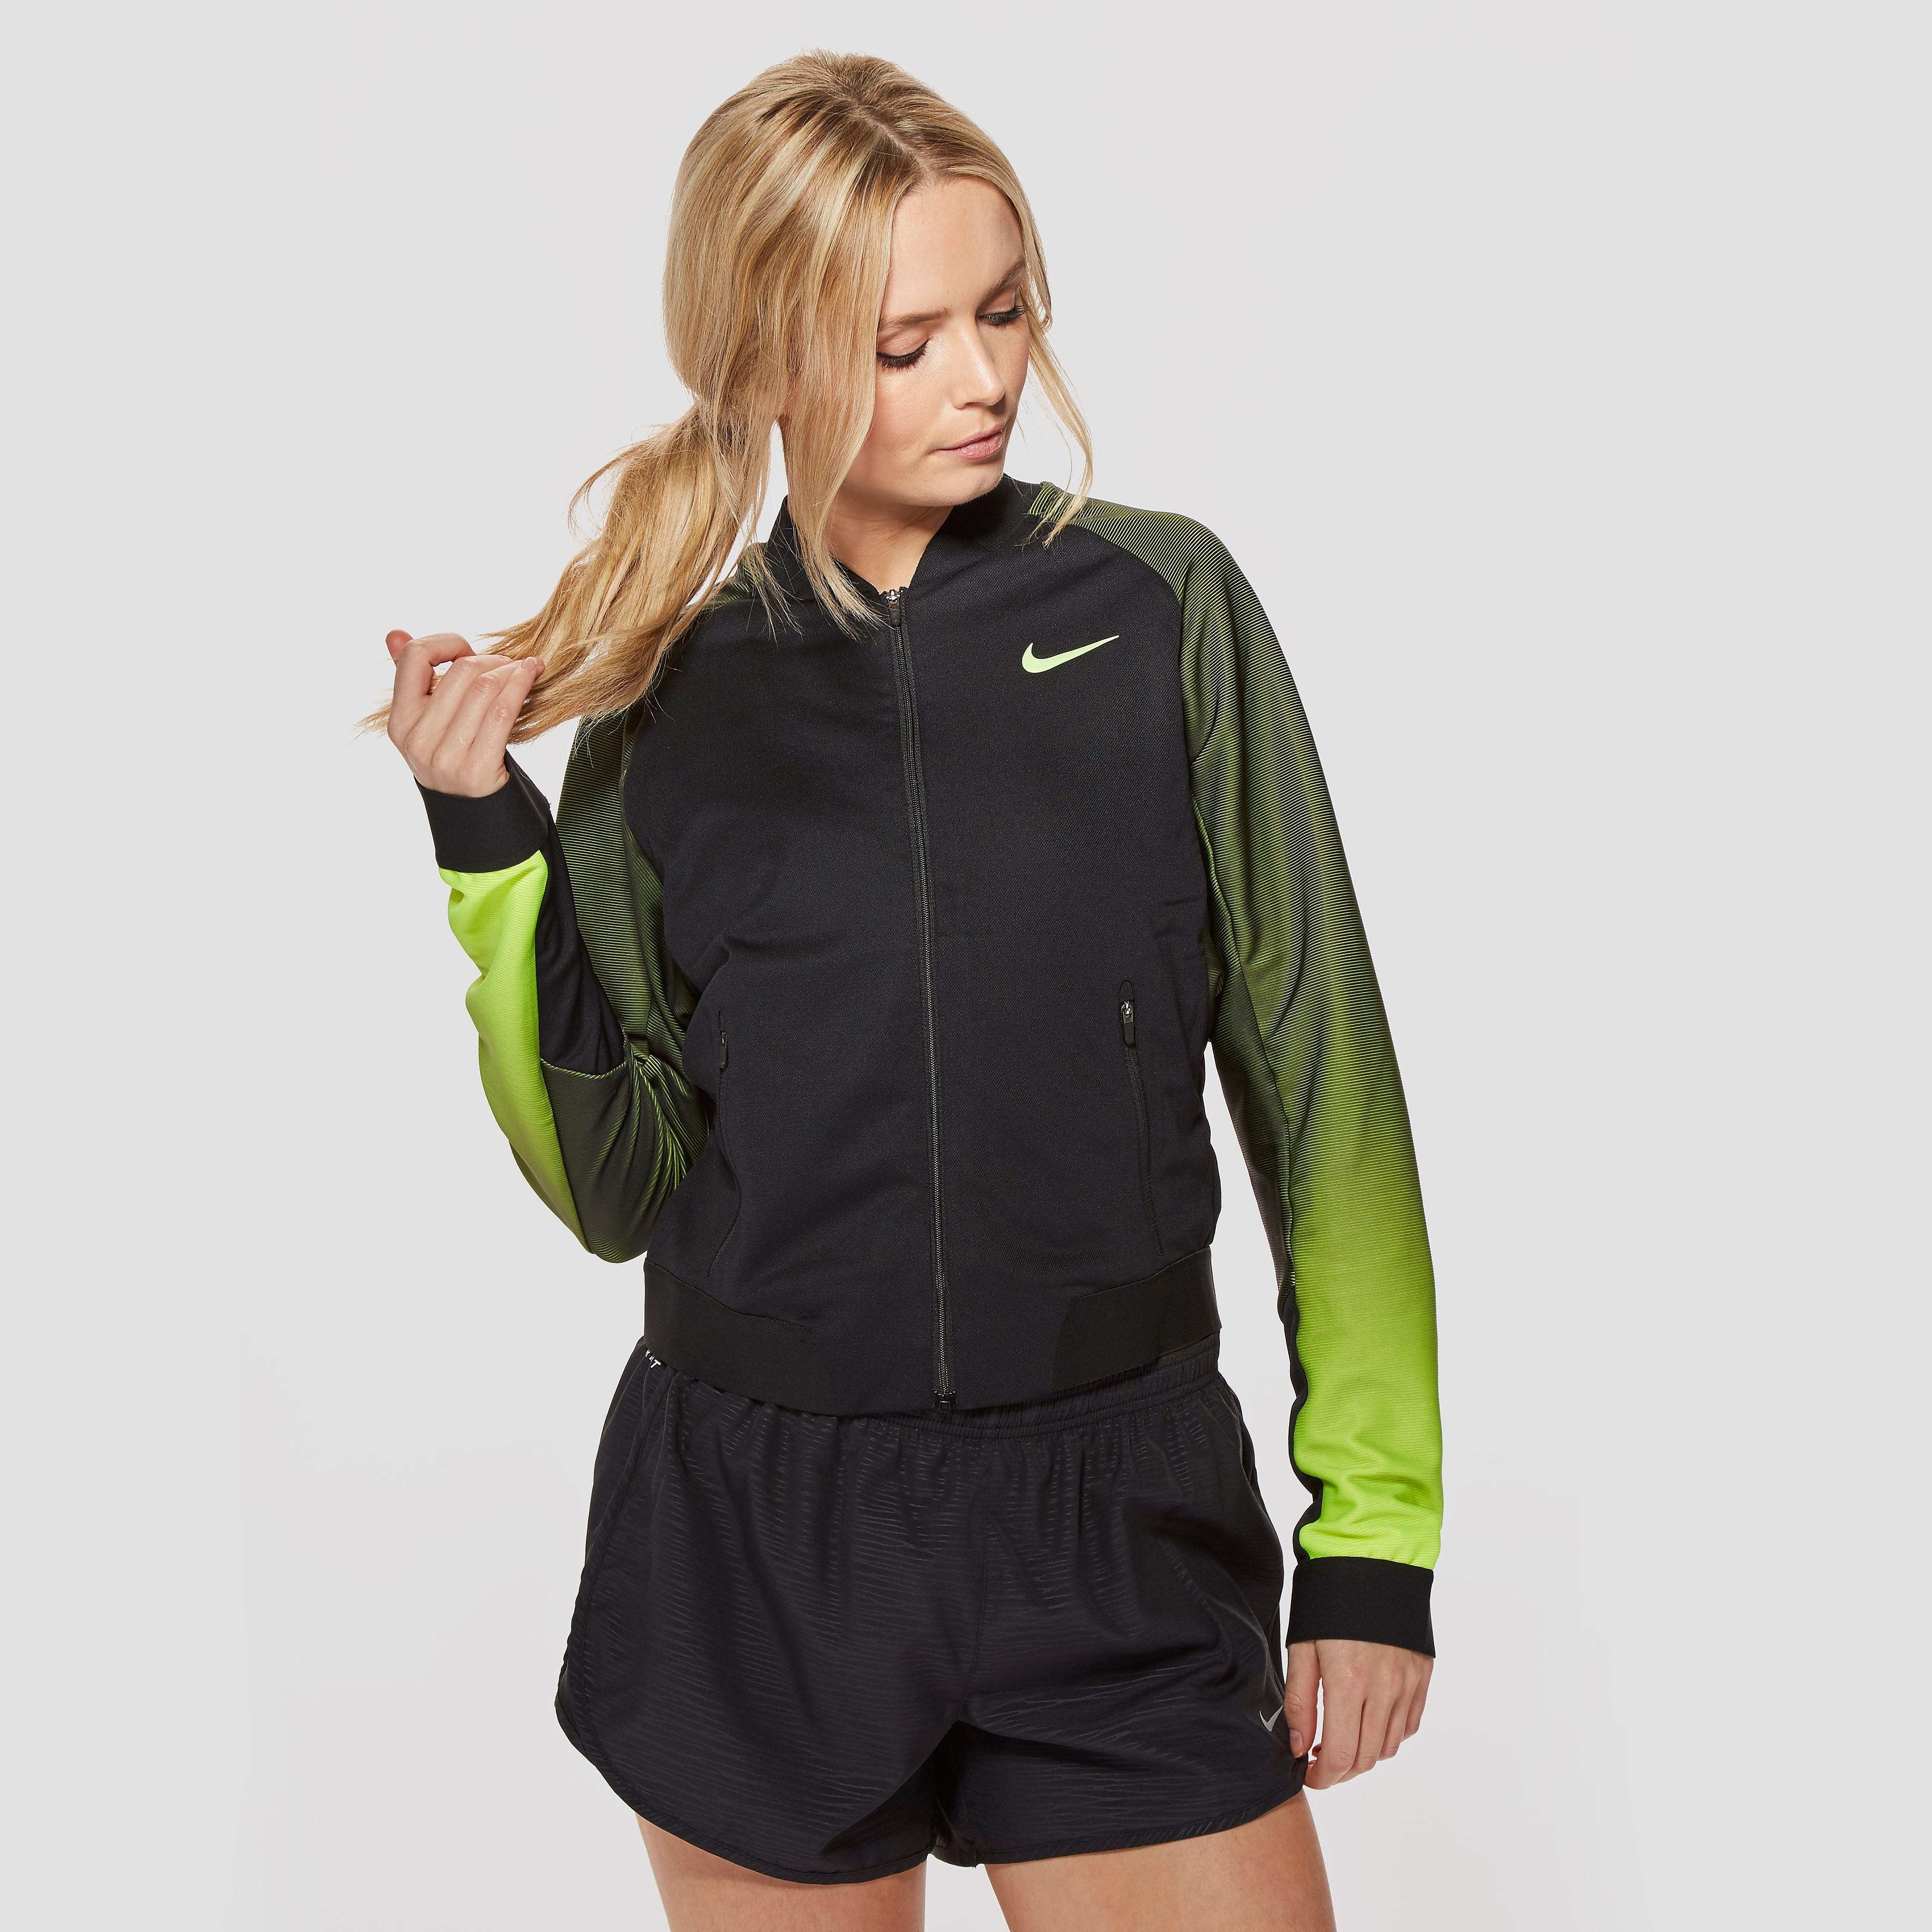 Nike Premier Women's Jacket